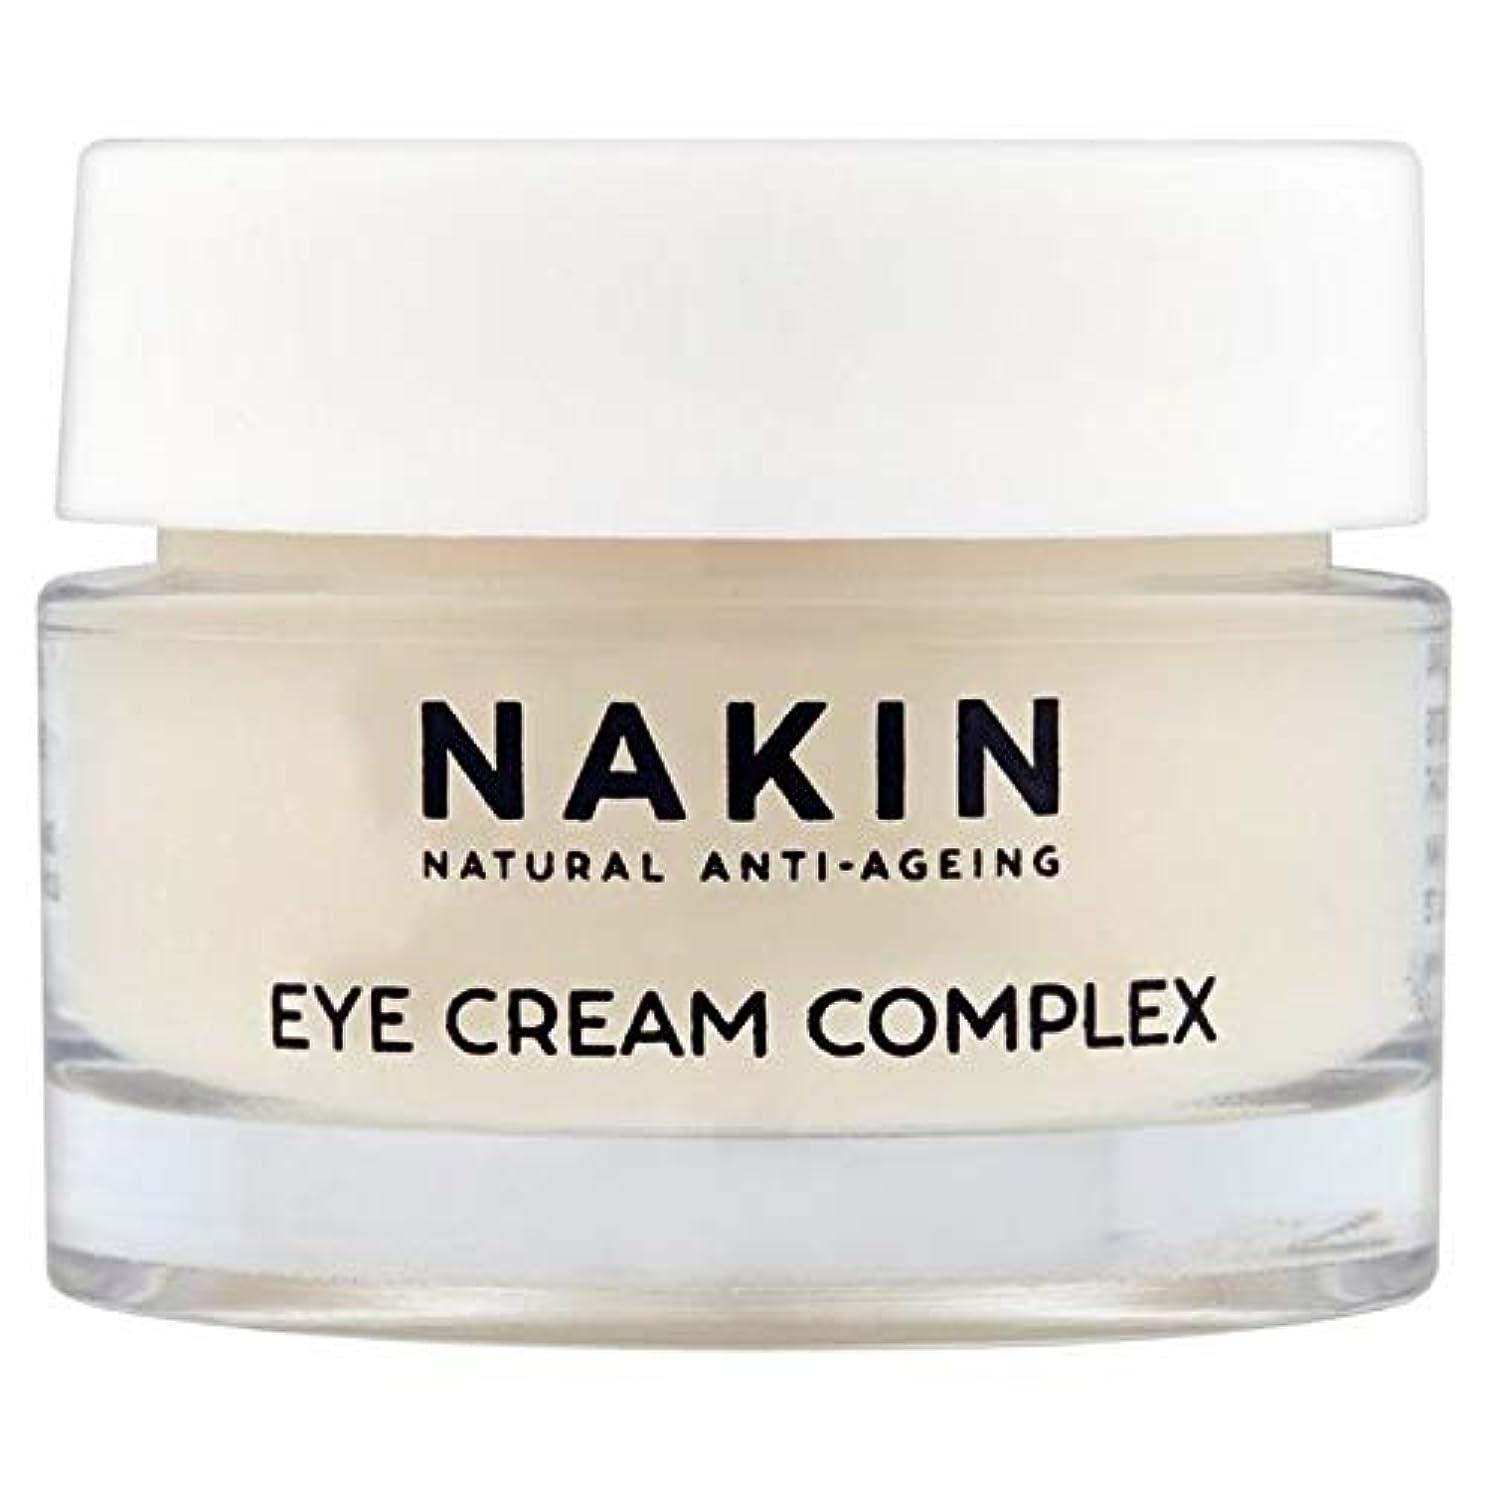 合体雑草撤回する[Nakin] Nakin自然アンチエイジングアイクリームコンプレックス15ミリリットル - Nakin Natural Anti-Ageing Eye Cream Complex 15ml [並行輸入品]